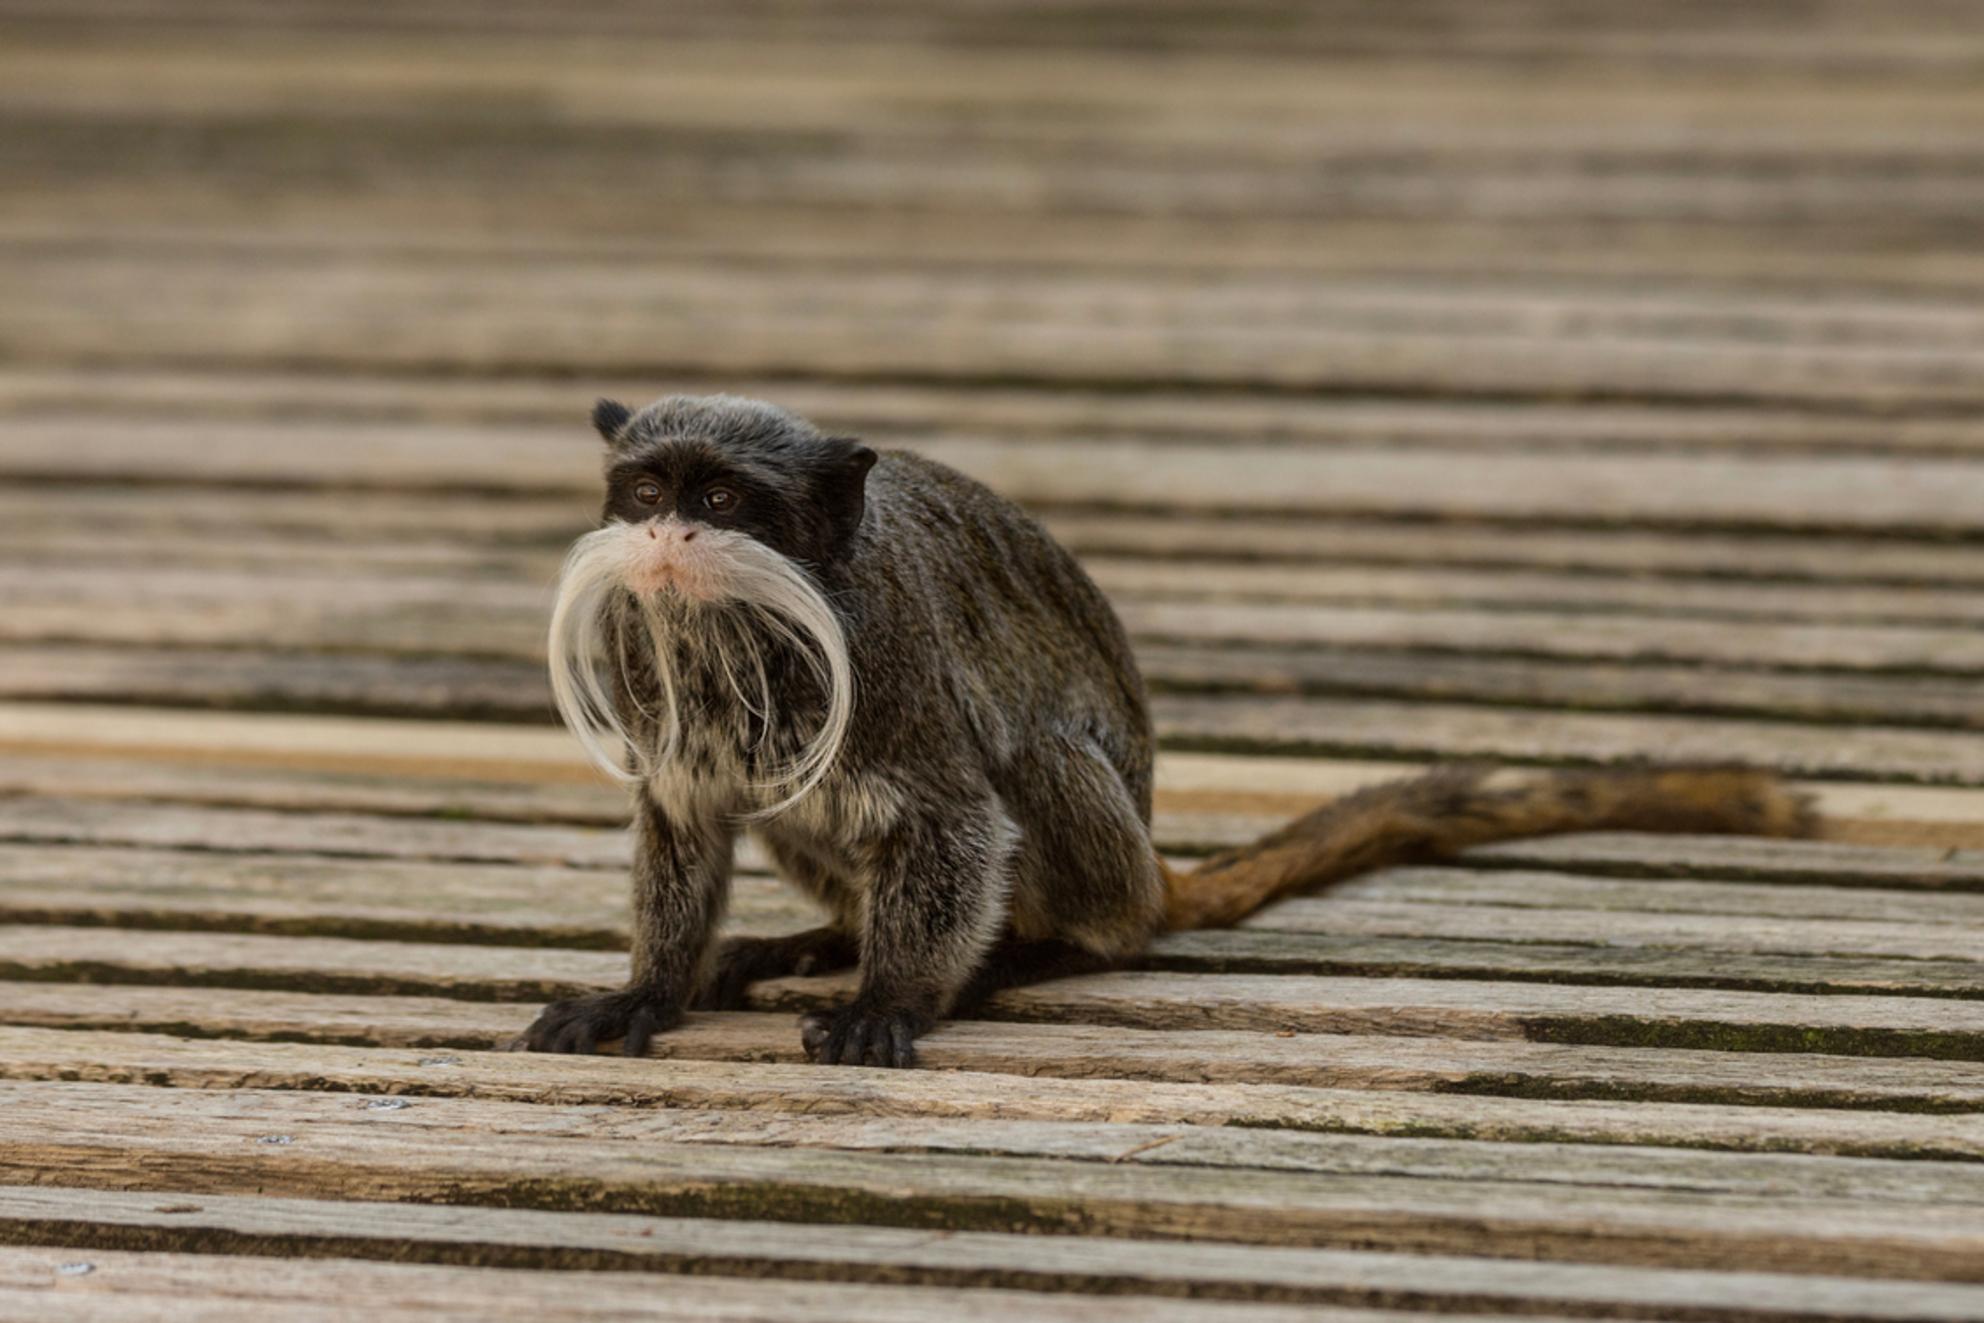 Mr. Snorremans - Te schattig zijn deze kleine Keizertamarins met hun enorme grote snor ten opzichte van zijn hoofdje. - foto door Valeries-Photography op 03-05-2019 - deze foto bevat: dierentuin, lente, natuur, dieren, wild, aap, snor, nederland, wildlife, apeldoorn, apenheul, gelderland, schattig, keizertamarin, snorremans, klein aapje - Deze foto mag gebruikt worden in een Zoom.nl publicatie